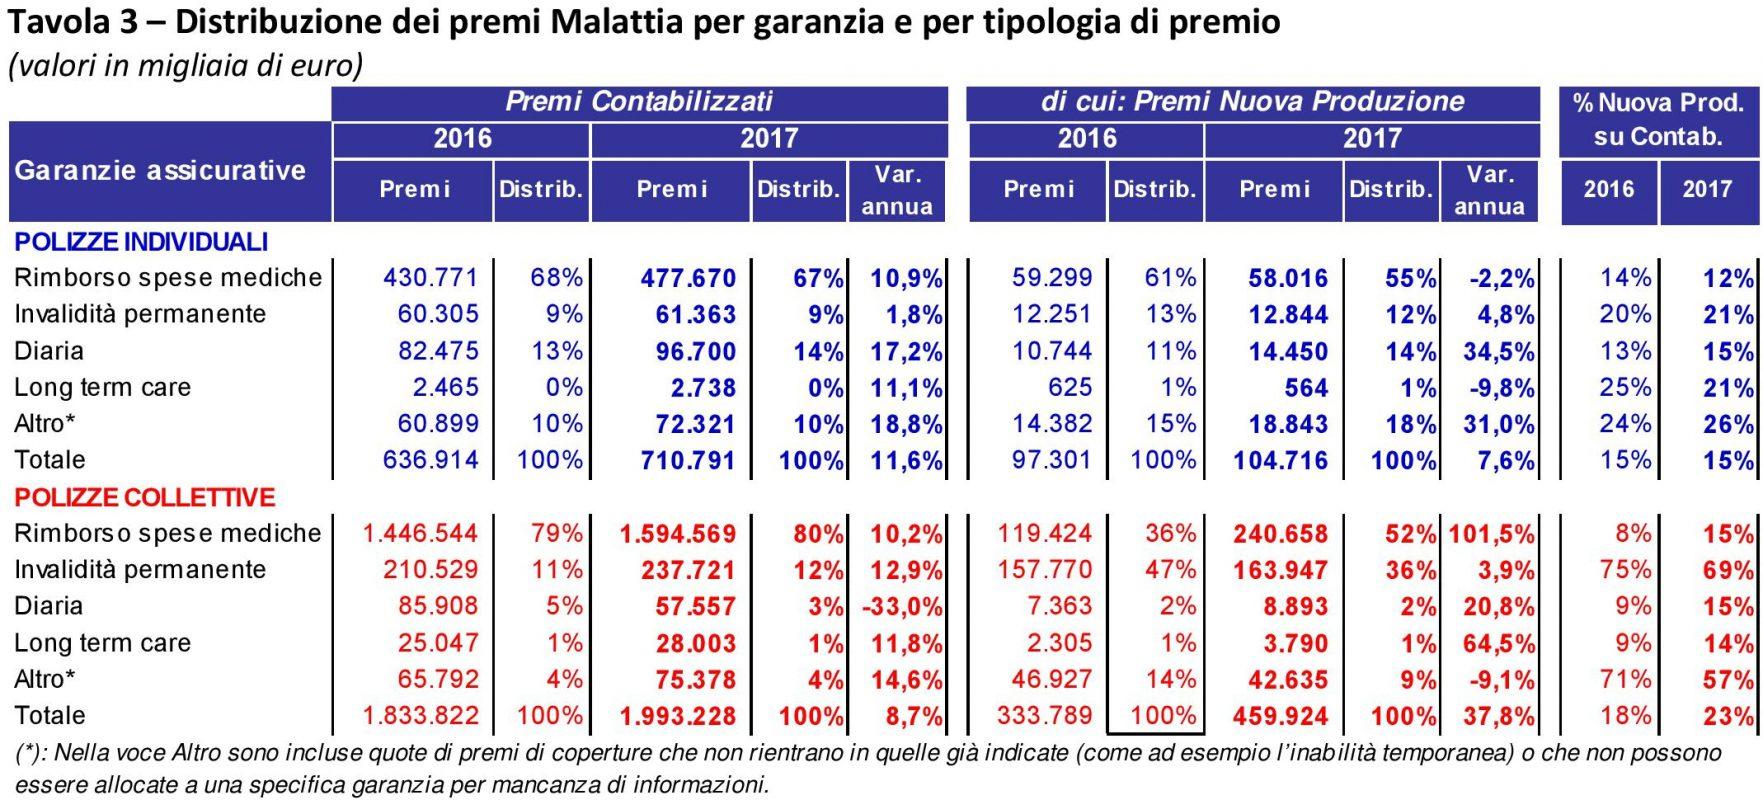 ANIA - Malattia - 2017 - Distribuzione per garanzia e tipologia Imc